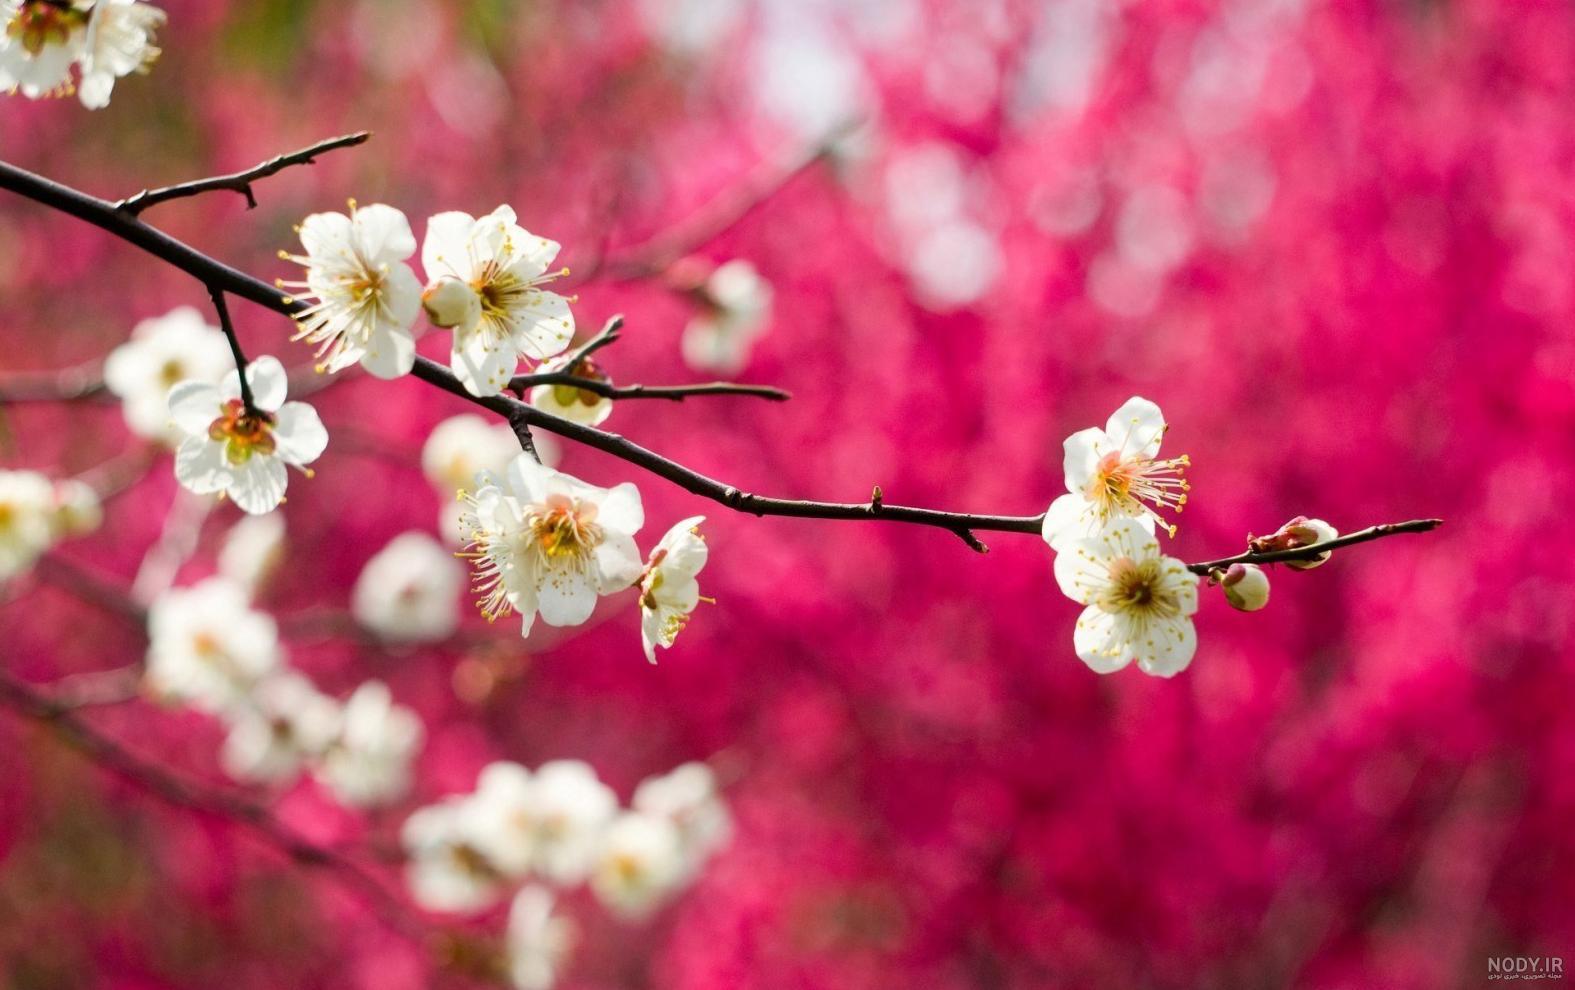 عکس بهار با کیفیت